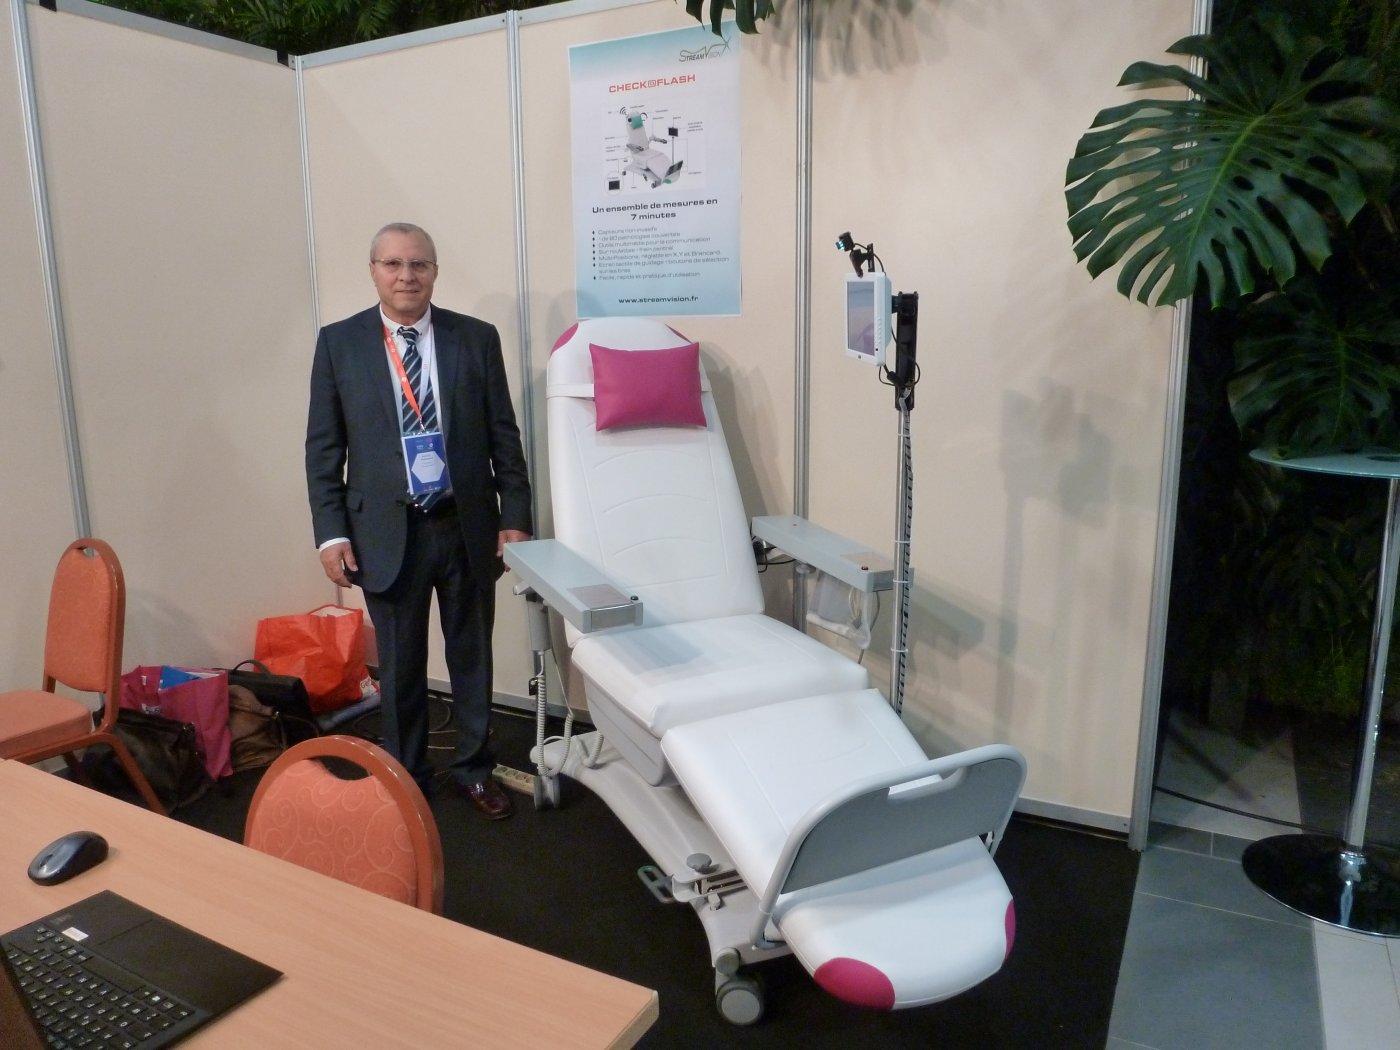 streamvision-a-paris-une-technologie-brevetee-et-laureate-du-concours-mondial-de-innovation-2014